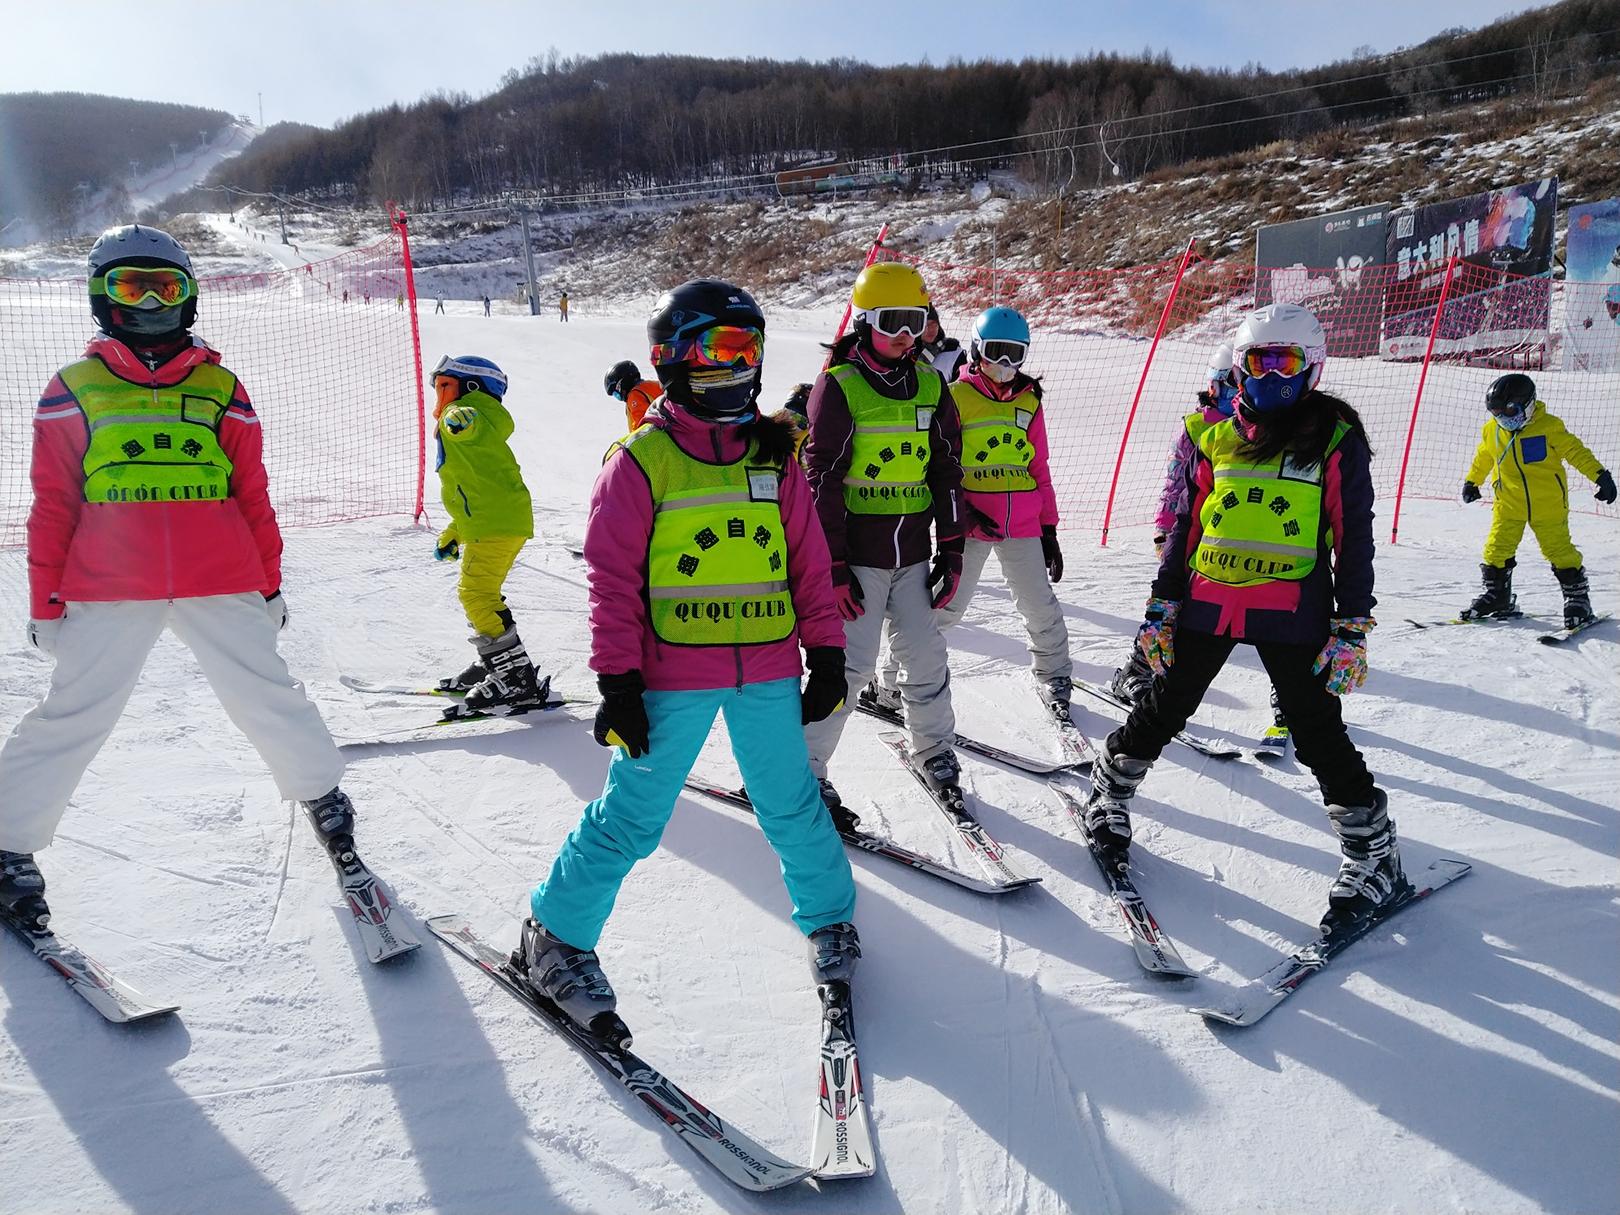 【寒假】滑一场雪、玩一次洞穴探险、赶一个乡村社戏、看一场百年的技艺、登一座大理石山峰、过一个年味十足的新年—北京+崇礼+塞北新年之旅(6天5晚)